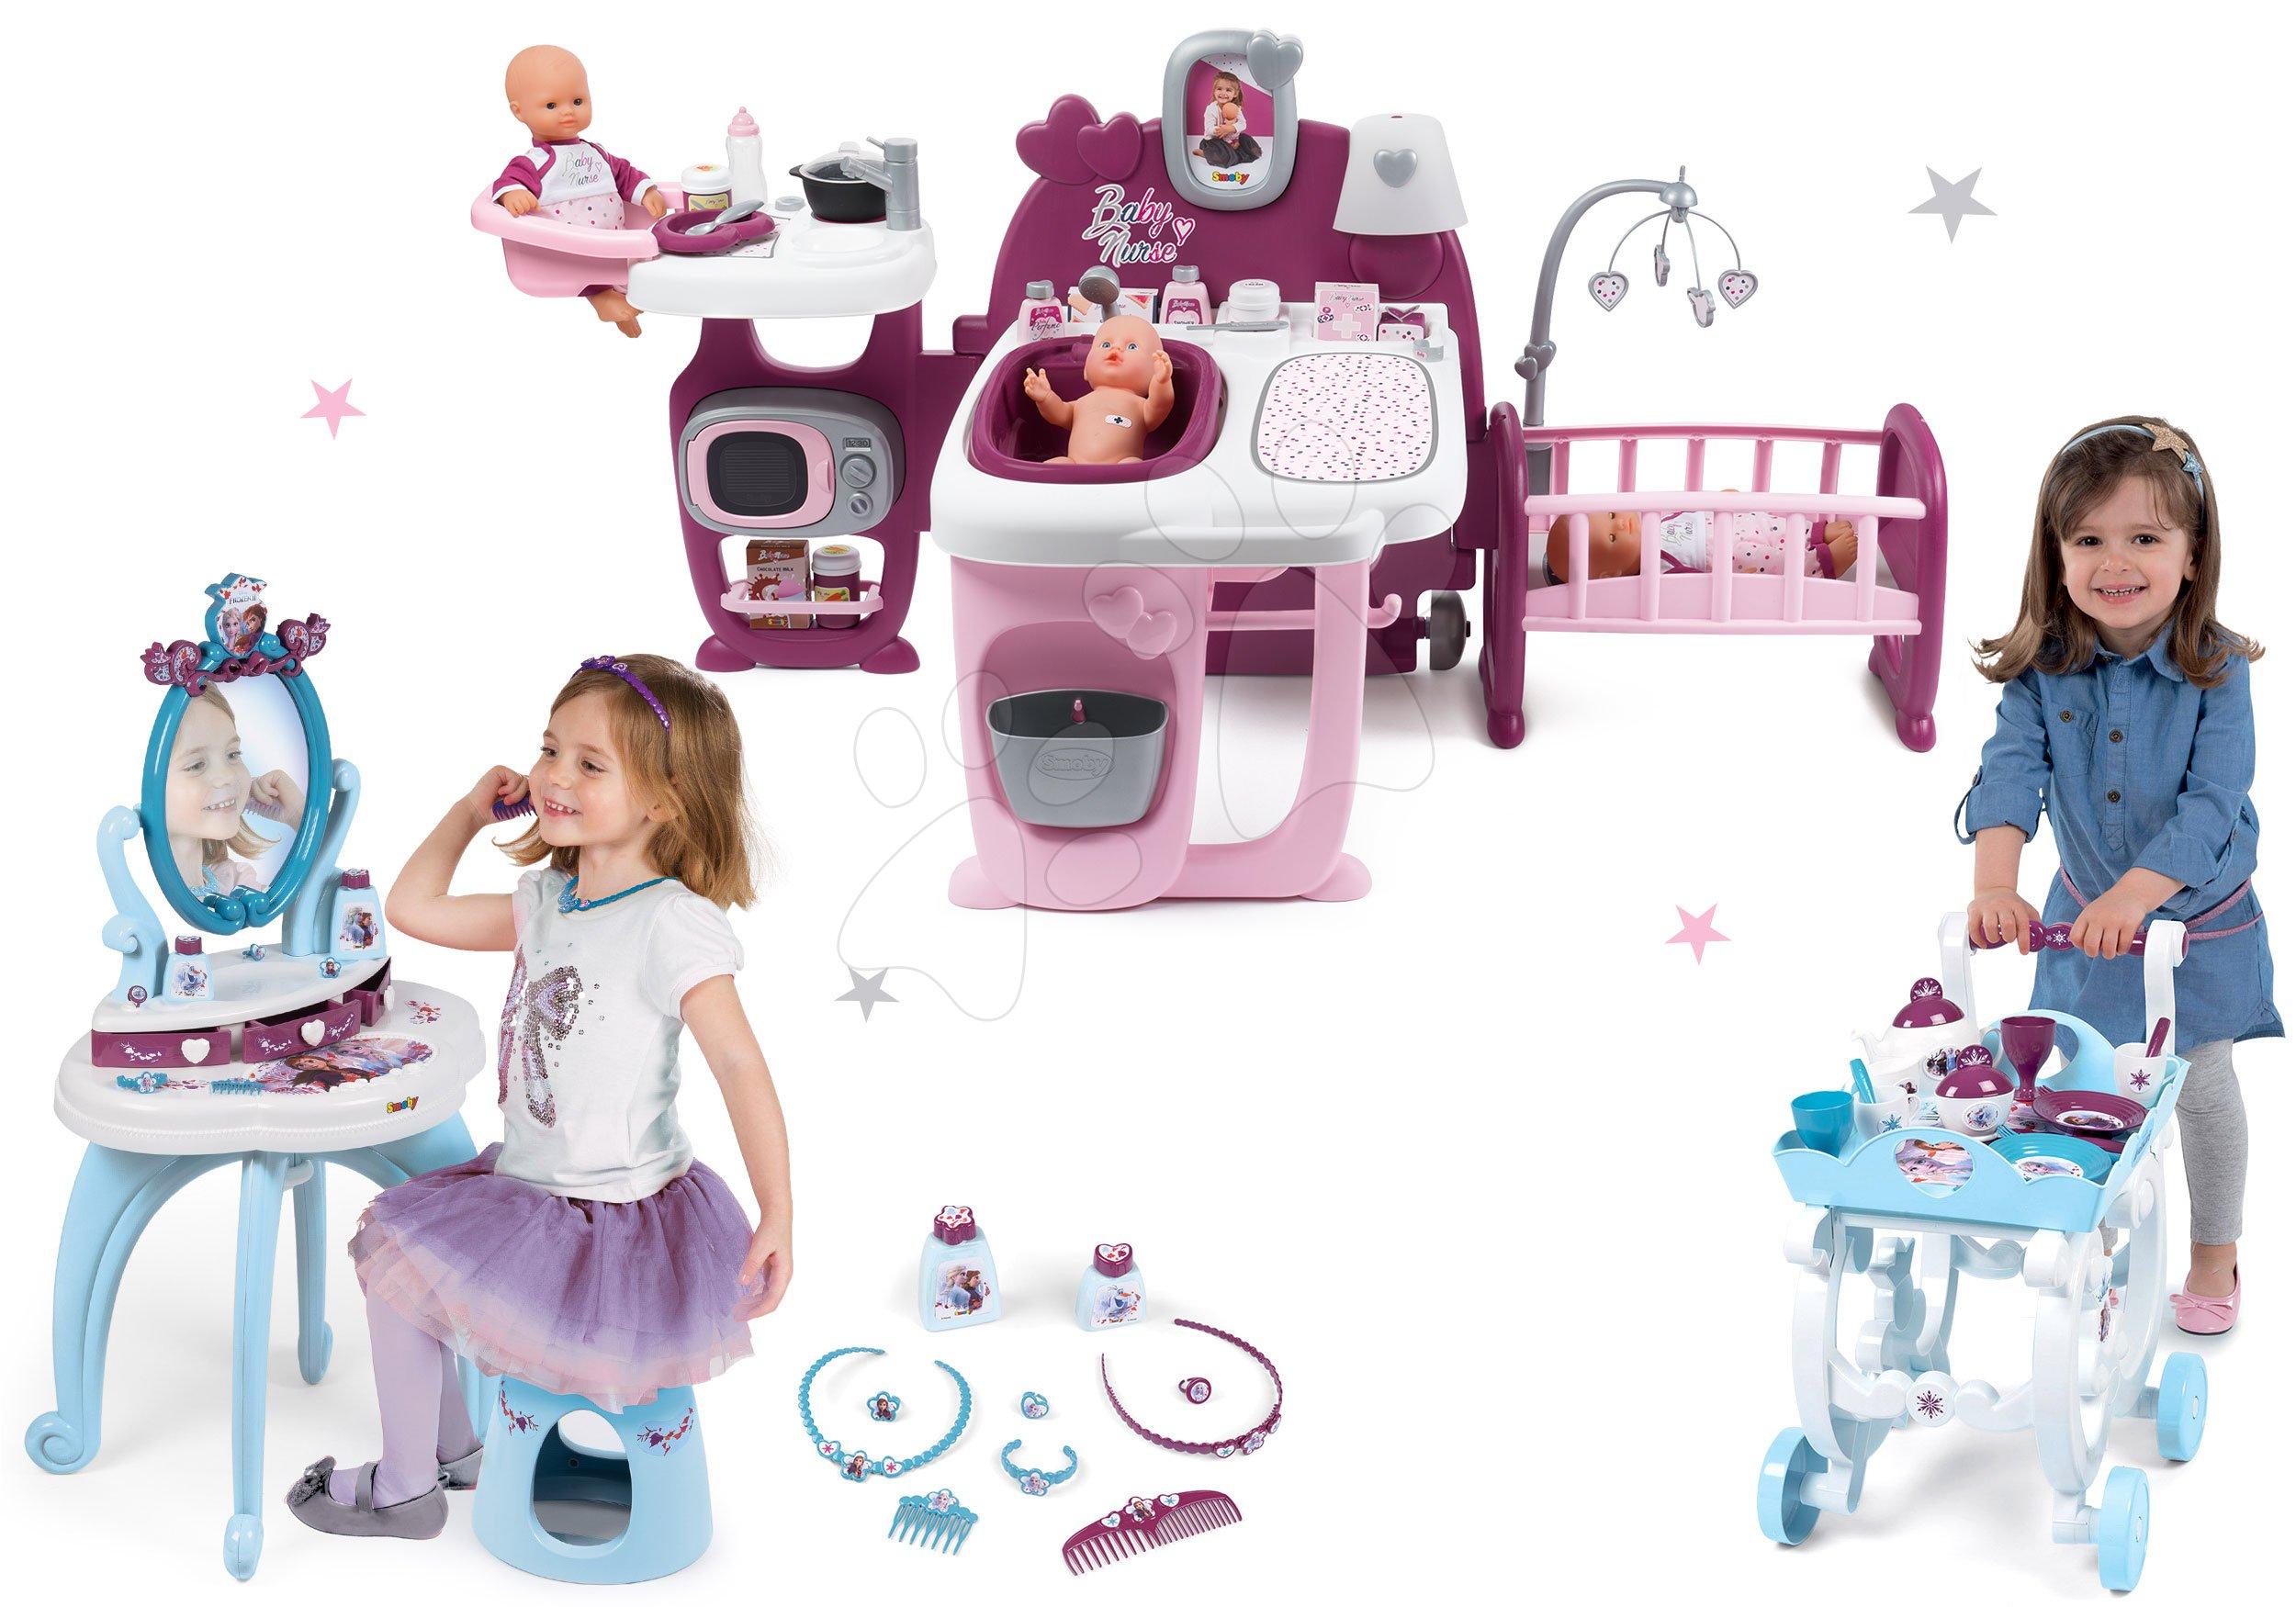 Set domeček pro panenku Violette Baby Nurse Large Doll's Play Center Smoby a kosmetický stolek Frozen 2v1 a servírovací vozík Frozen 2 XL Tea Trolley